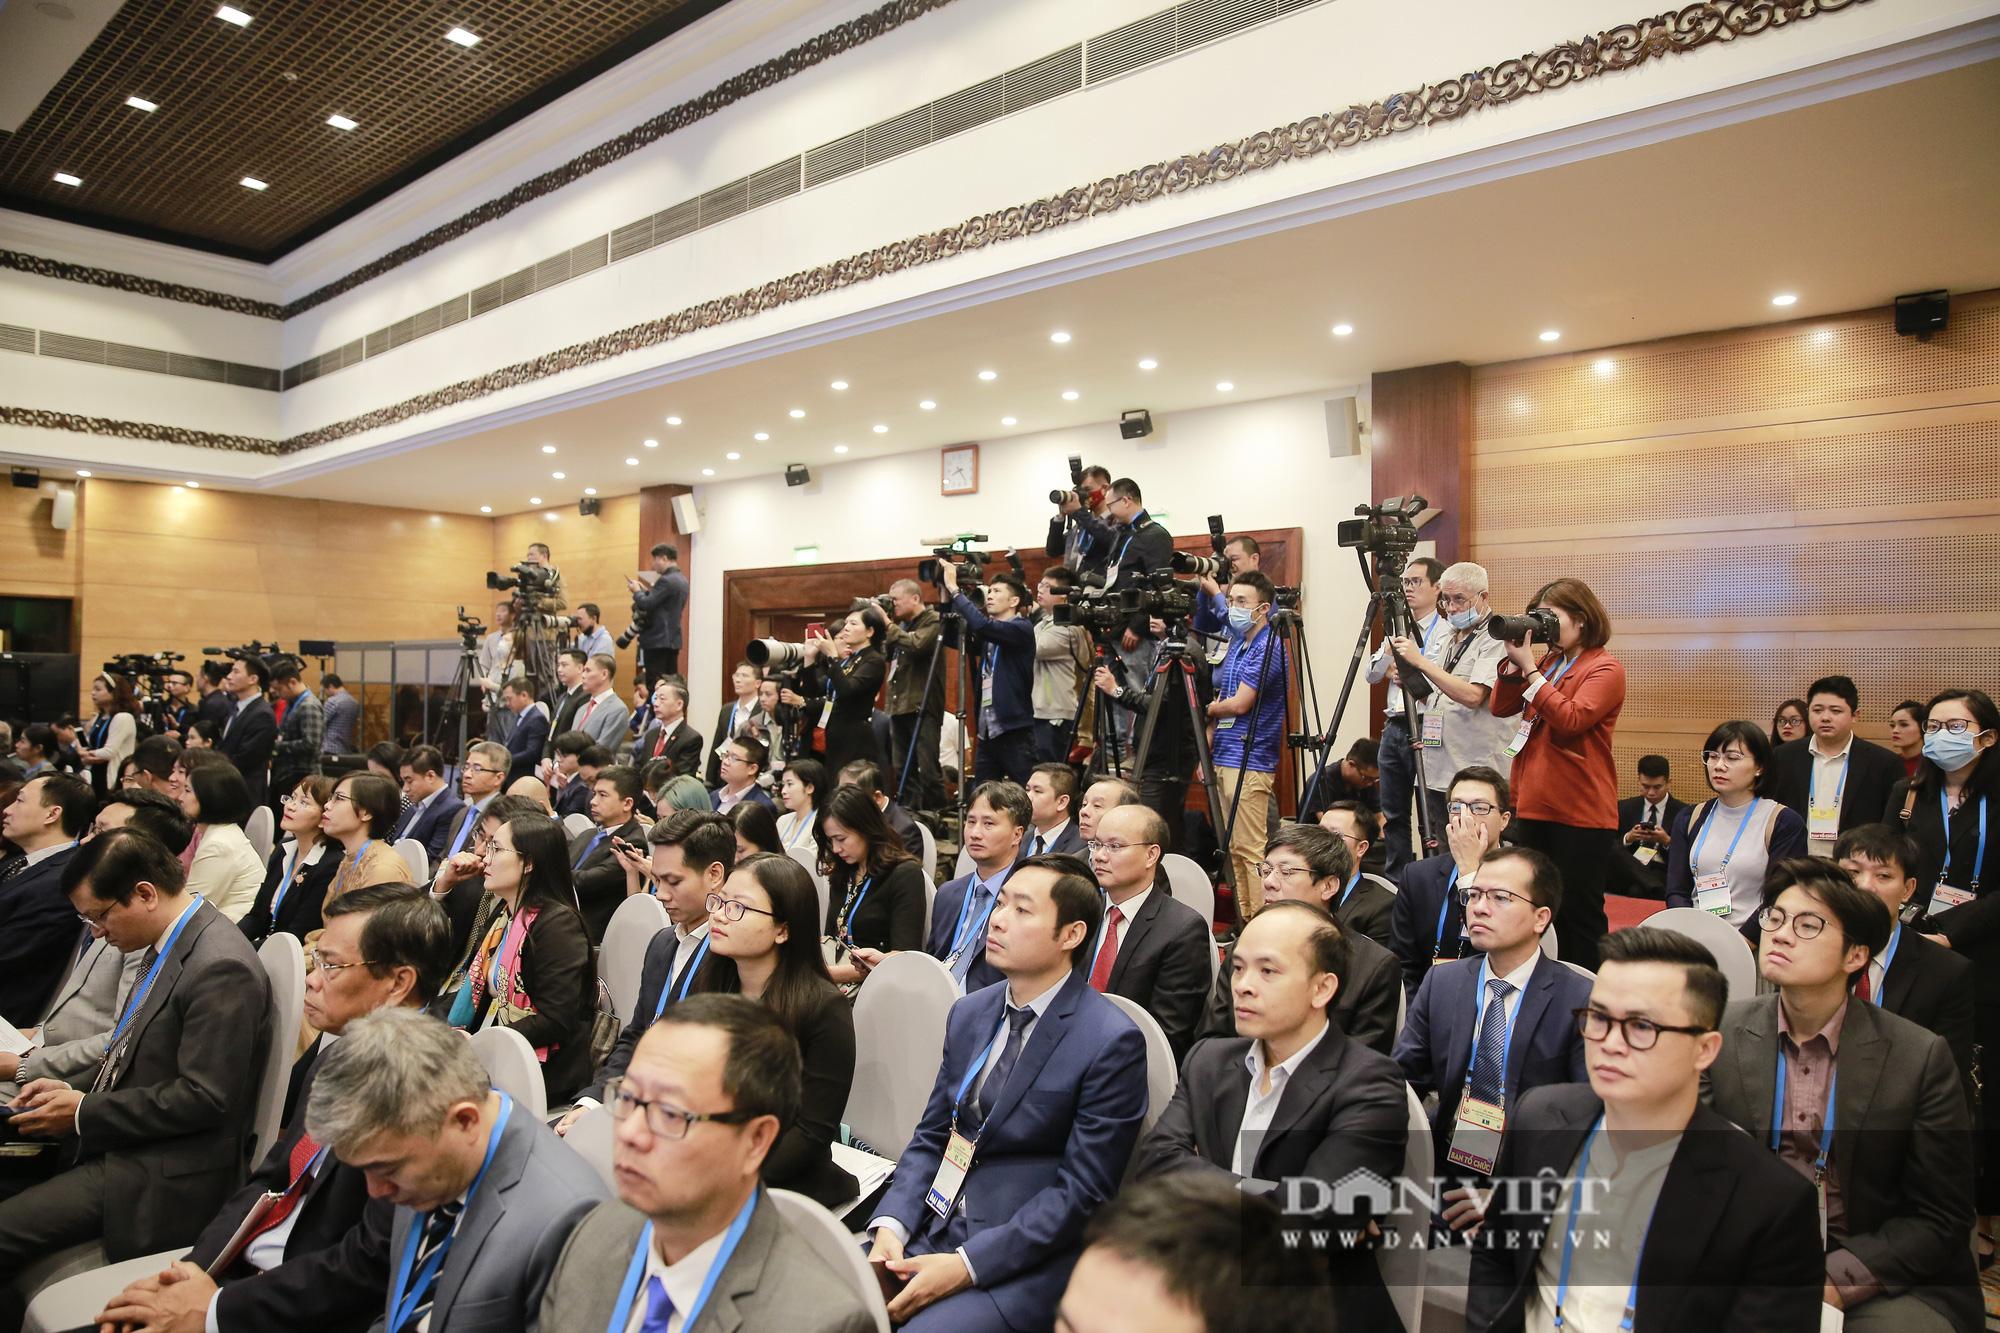 Toàn cảnh Khai mạc Hội nghị Cấp cao ASEAN lần thứ 37 - Ảnh 14.